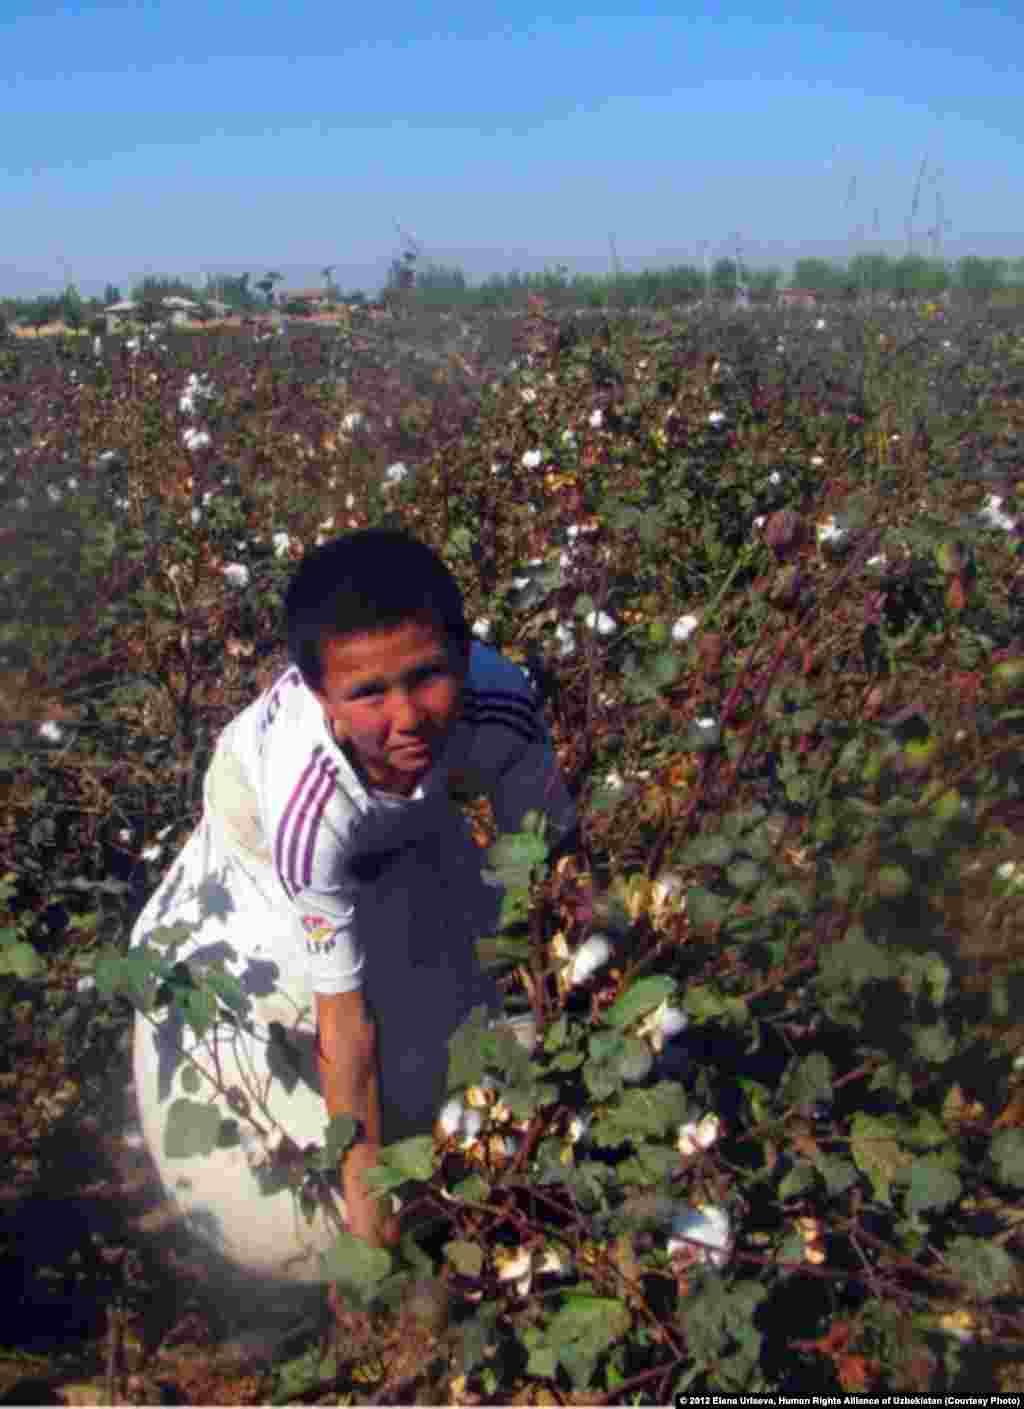 Boy picking cotton, October 2012